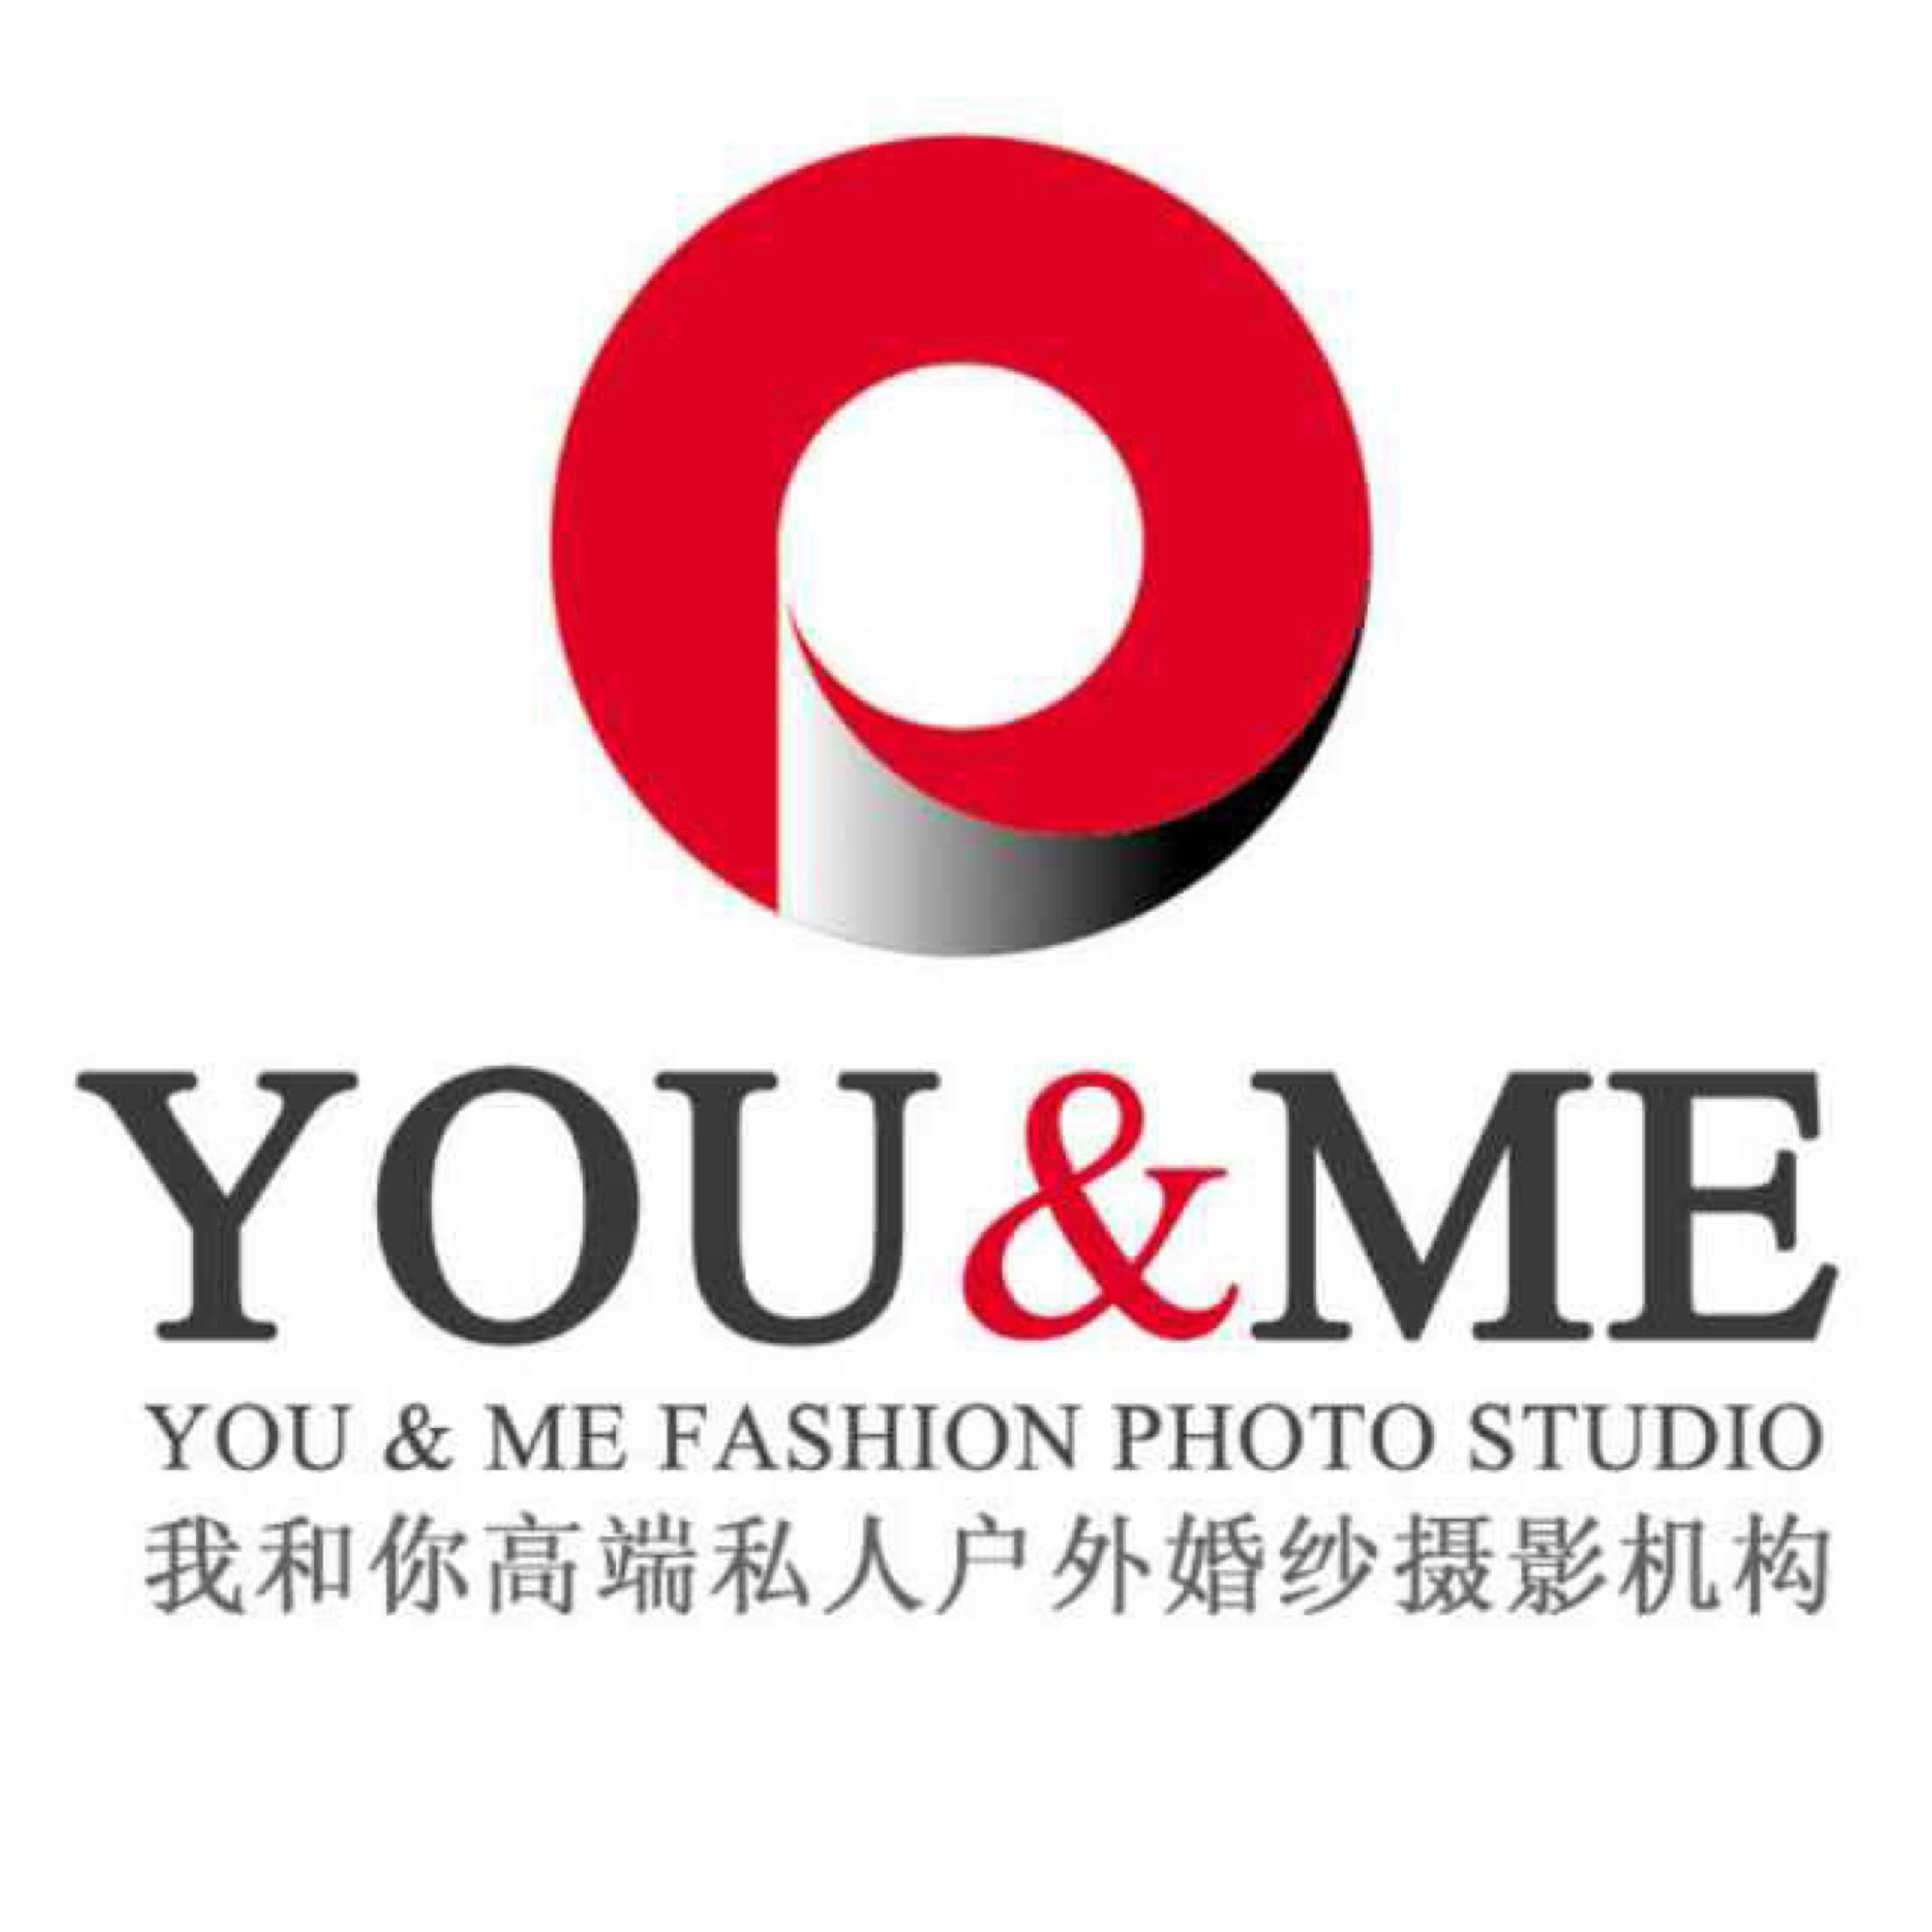 秦皇岛我和你婚纱摄影工作室